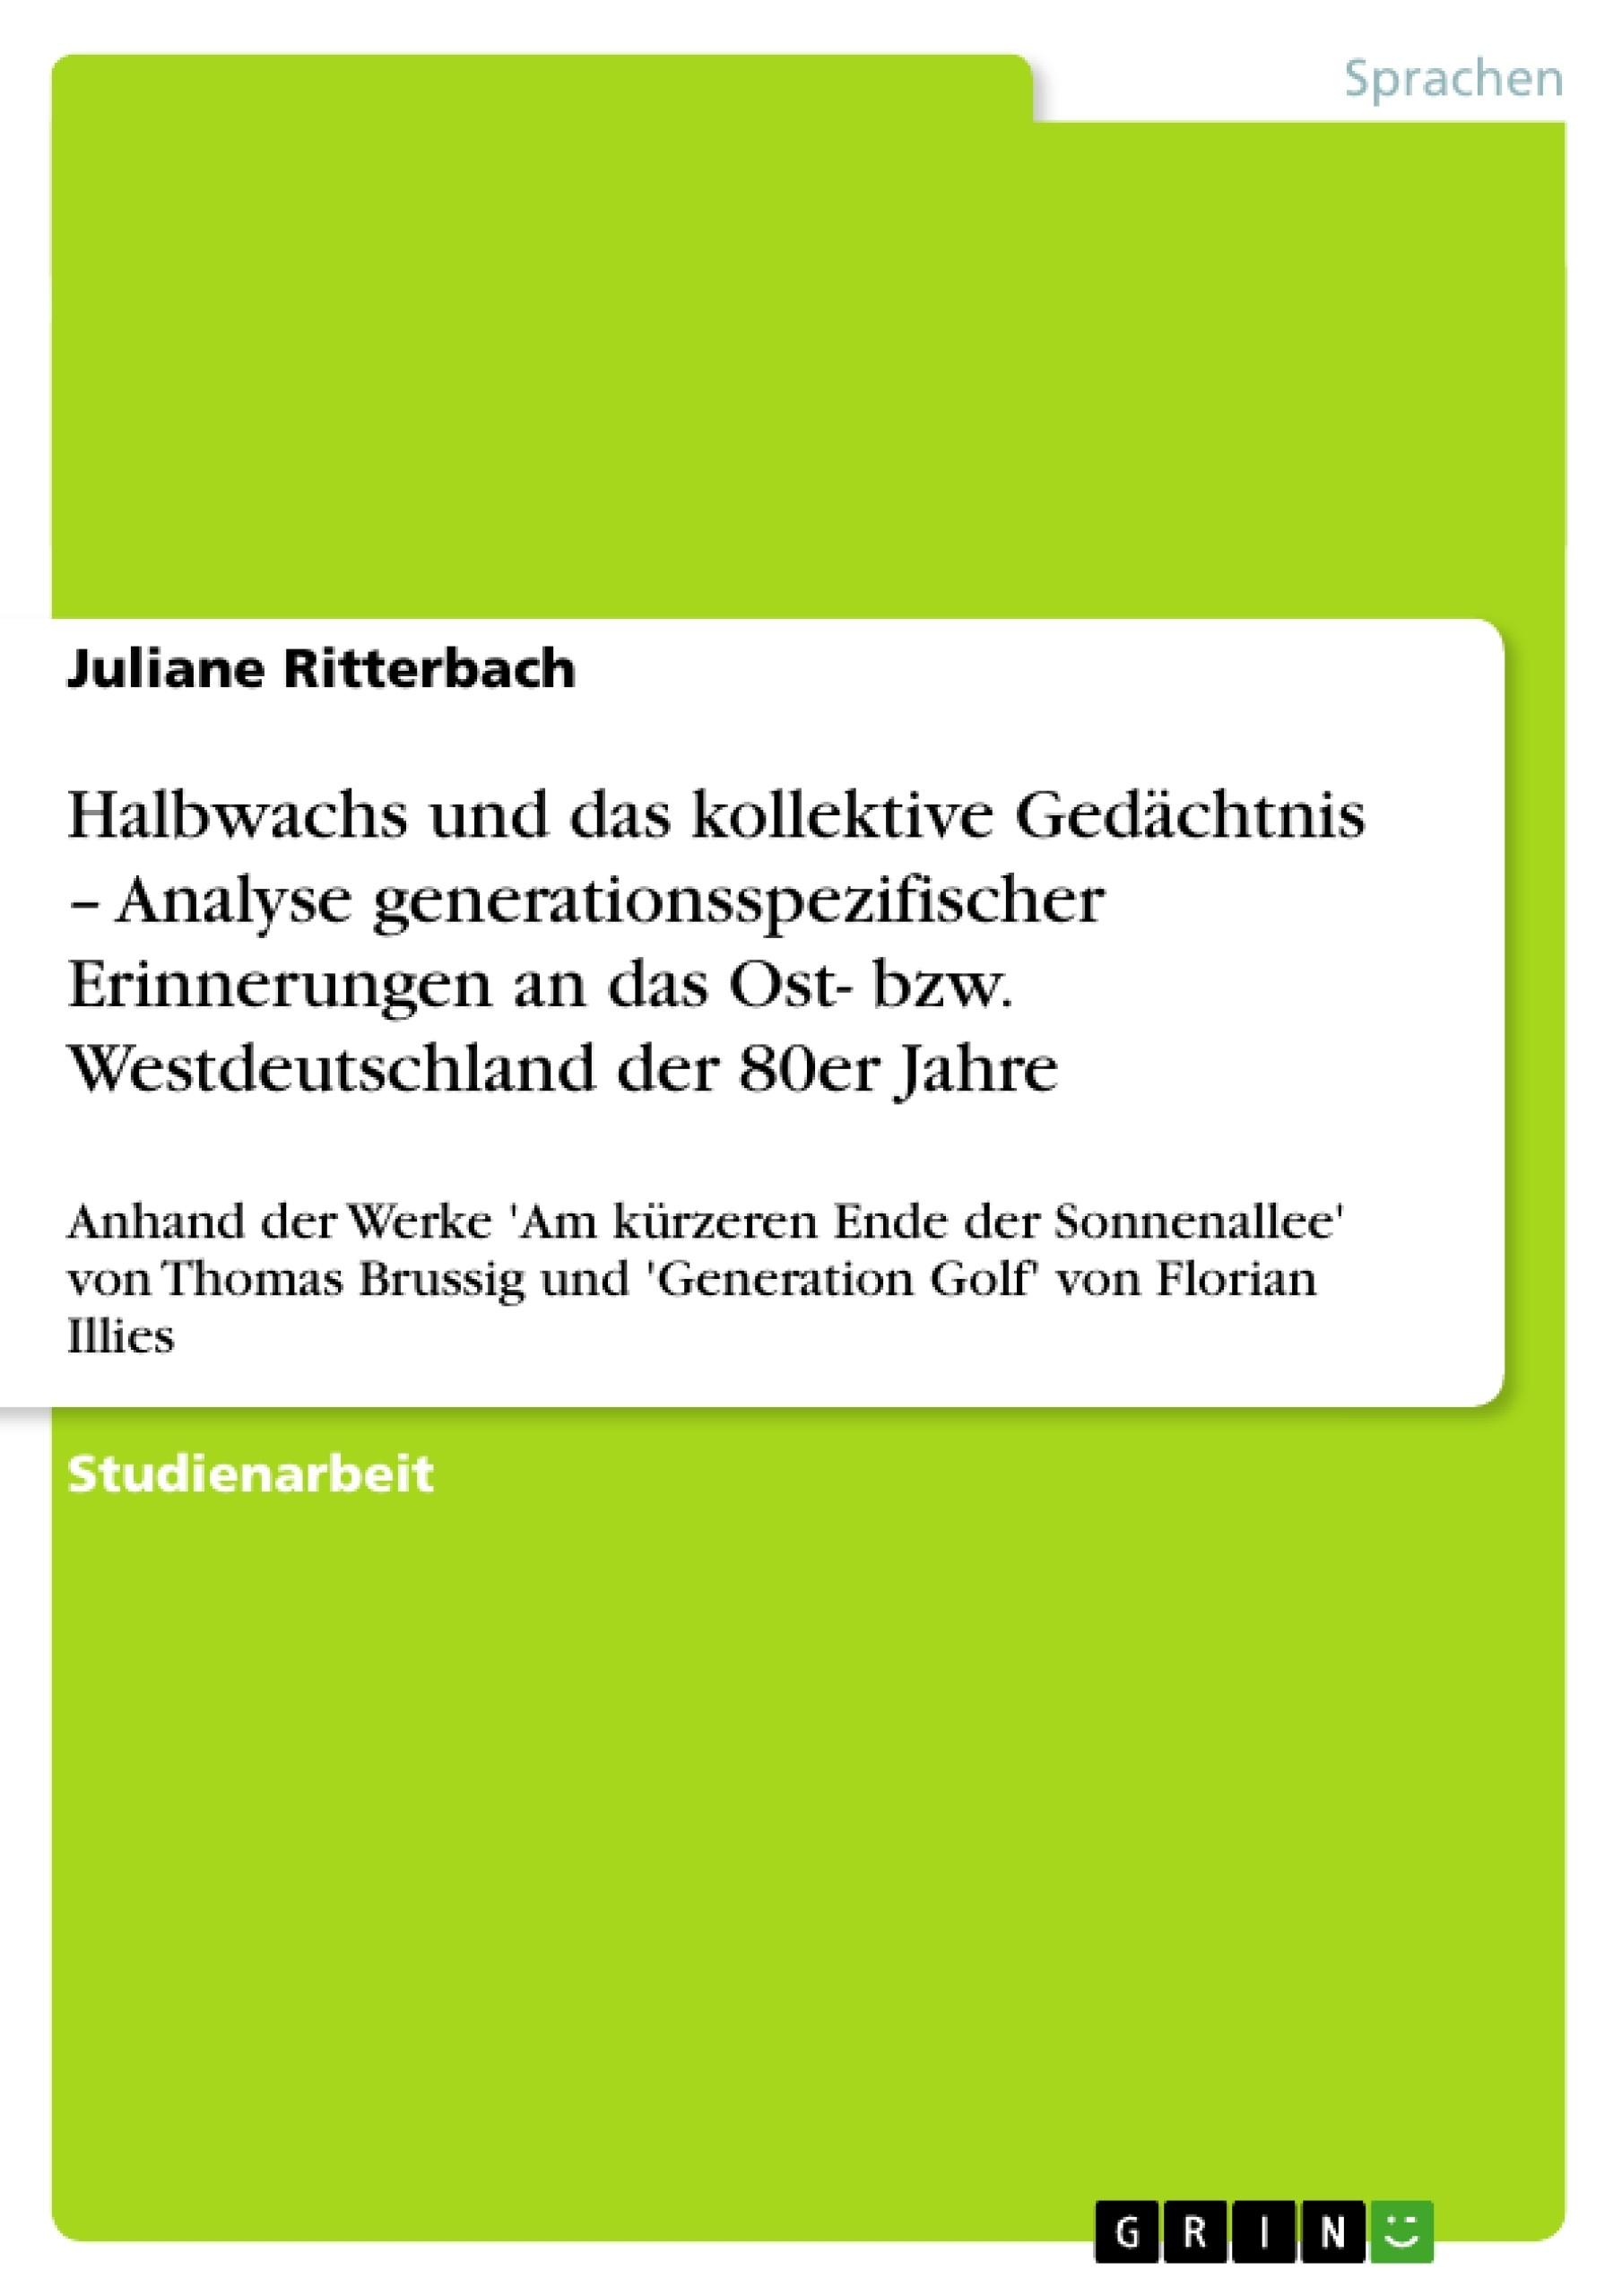 Titel: Halbwachs und das kollektive Gedächtnis – Analyse generationsspezifischer Erinnerungen an das Ost- bzw. Westdeutschland der 80er Jahre